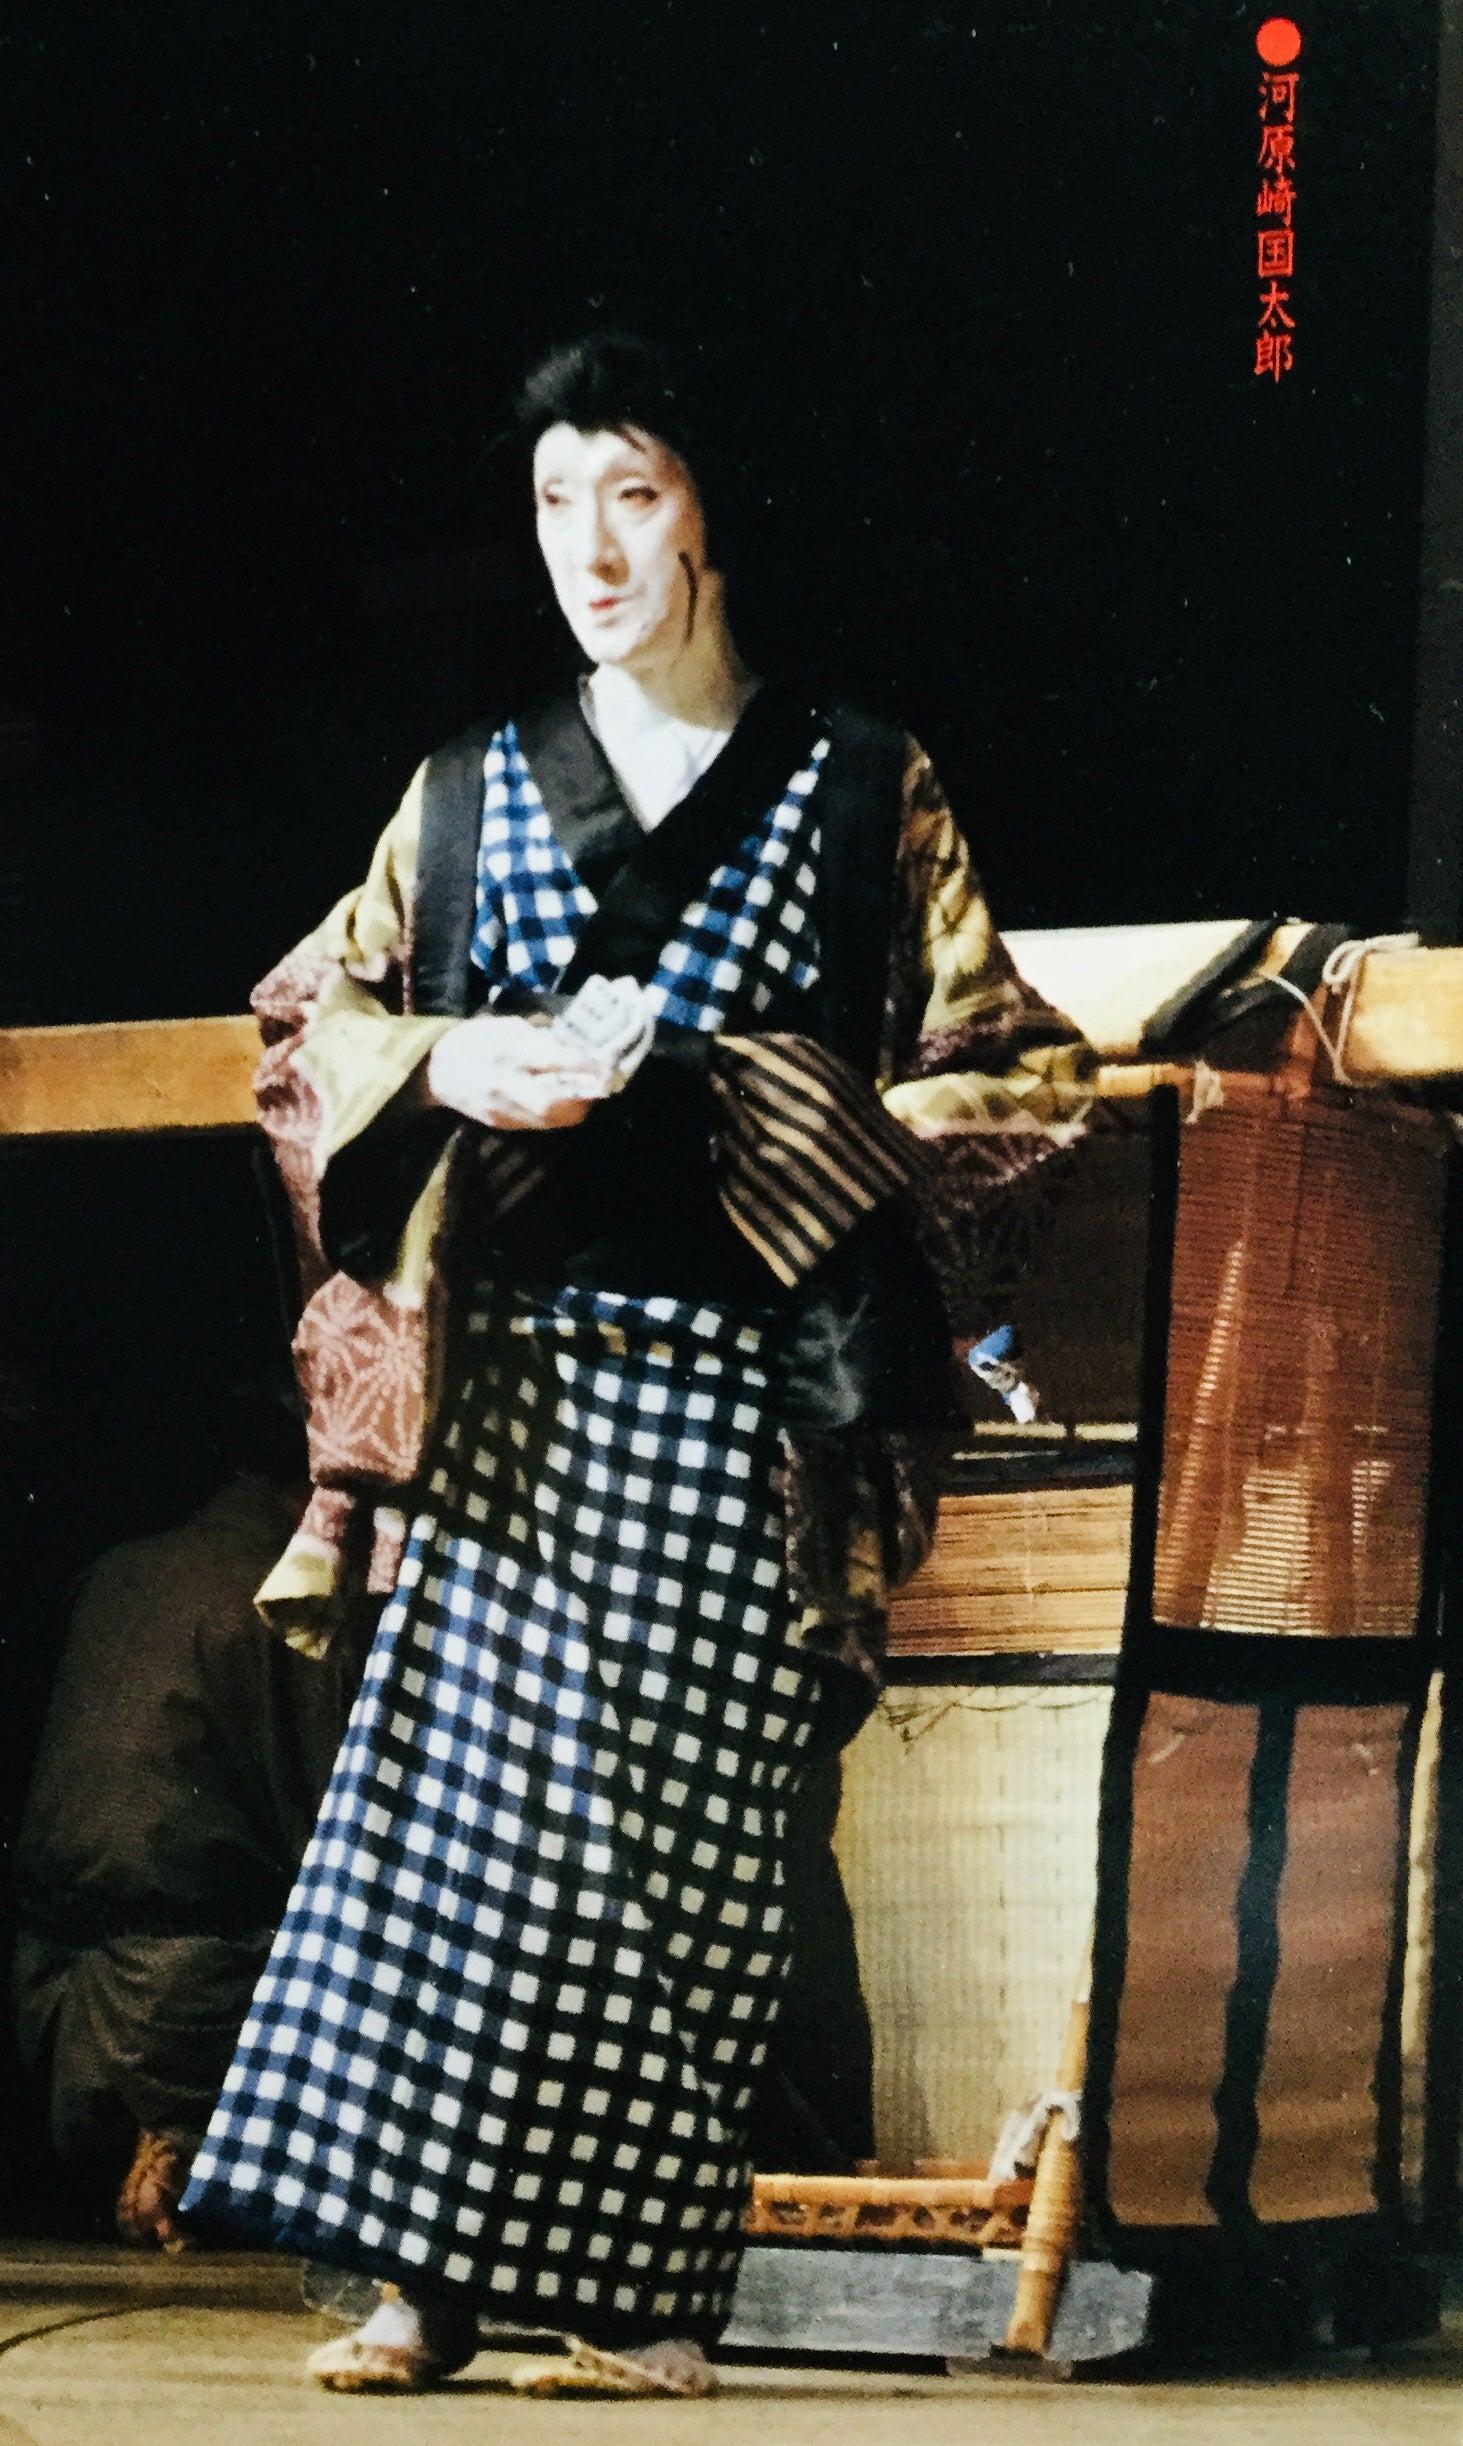 木挽町日録 (歌舞伎座の筋書より)「切られお富」 (昭和編)